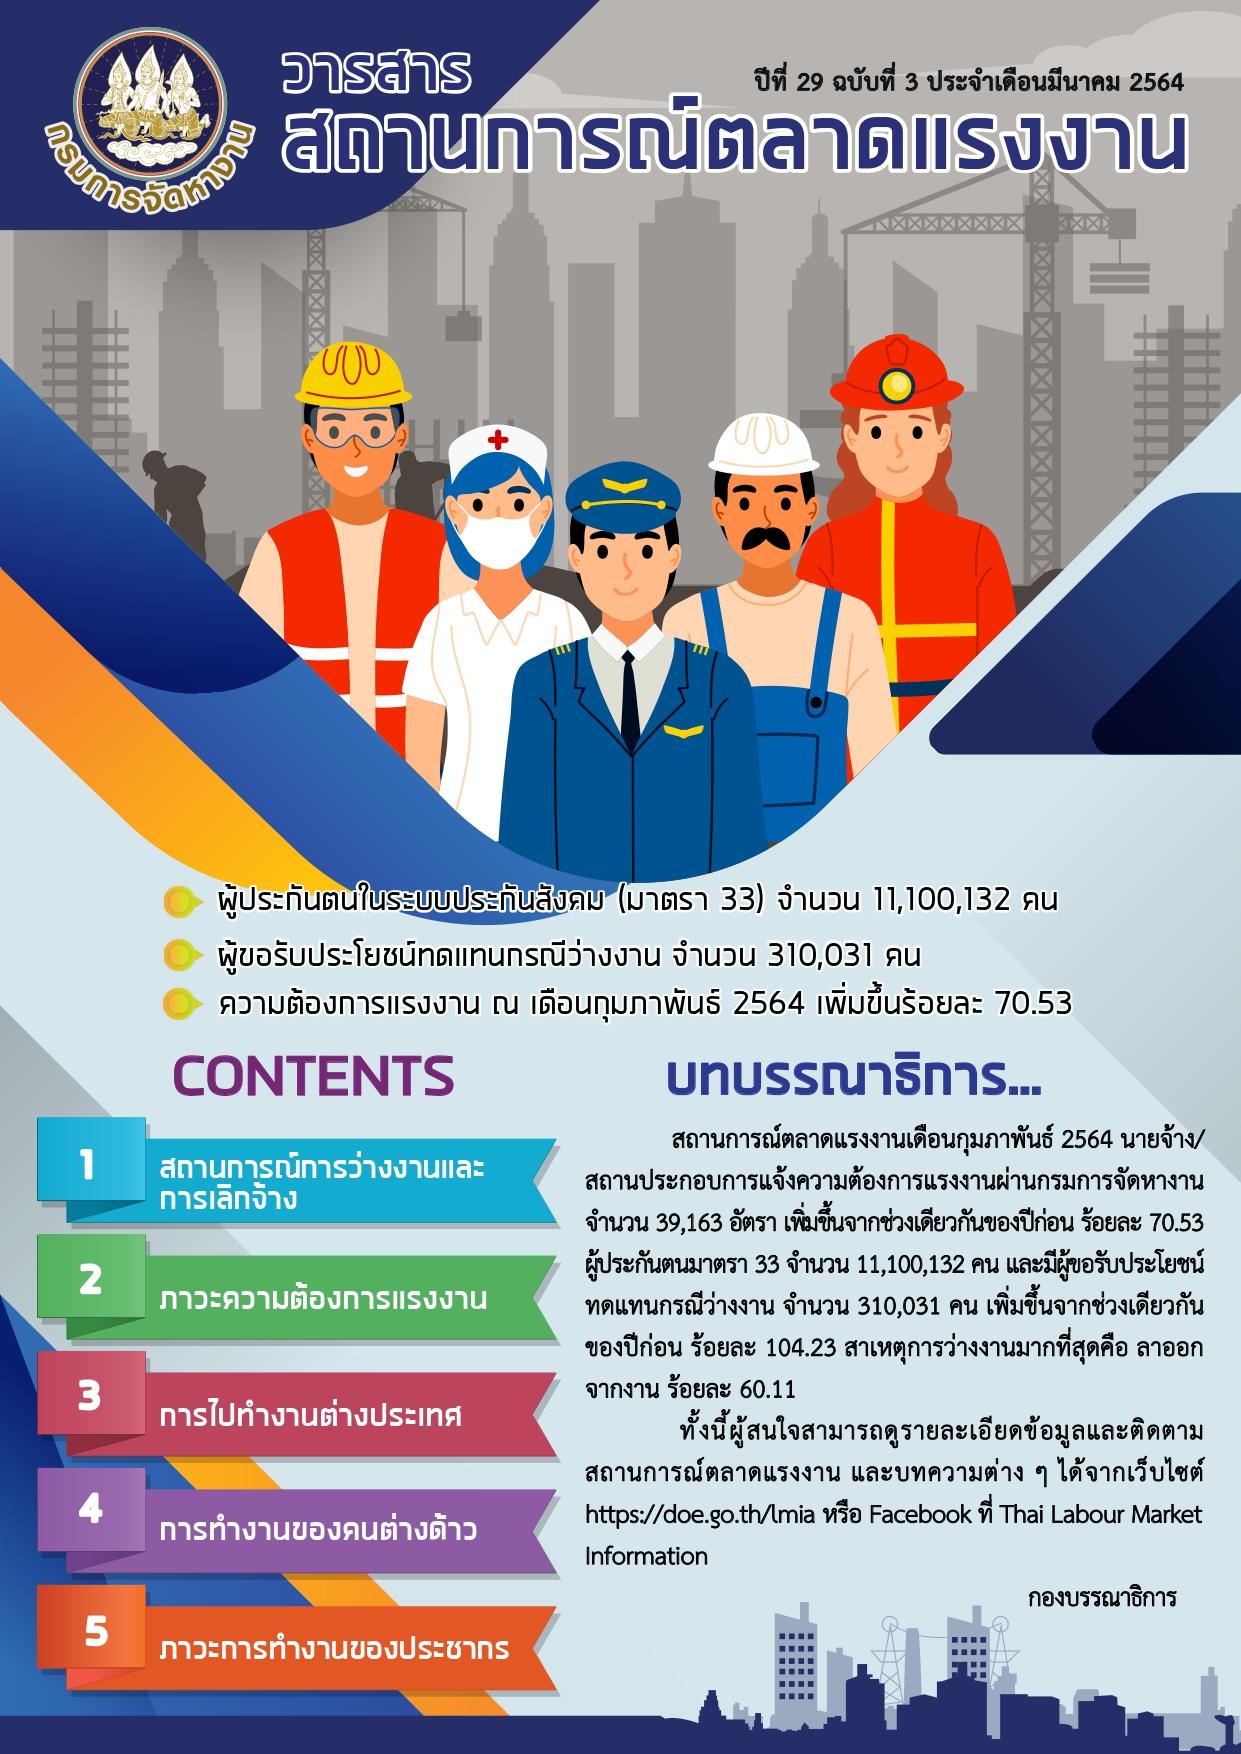 วารสารสถานการณ์ตลาดแรงงานประจำเดือนมีนาคม 2564